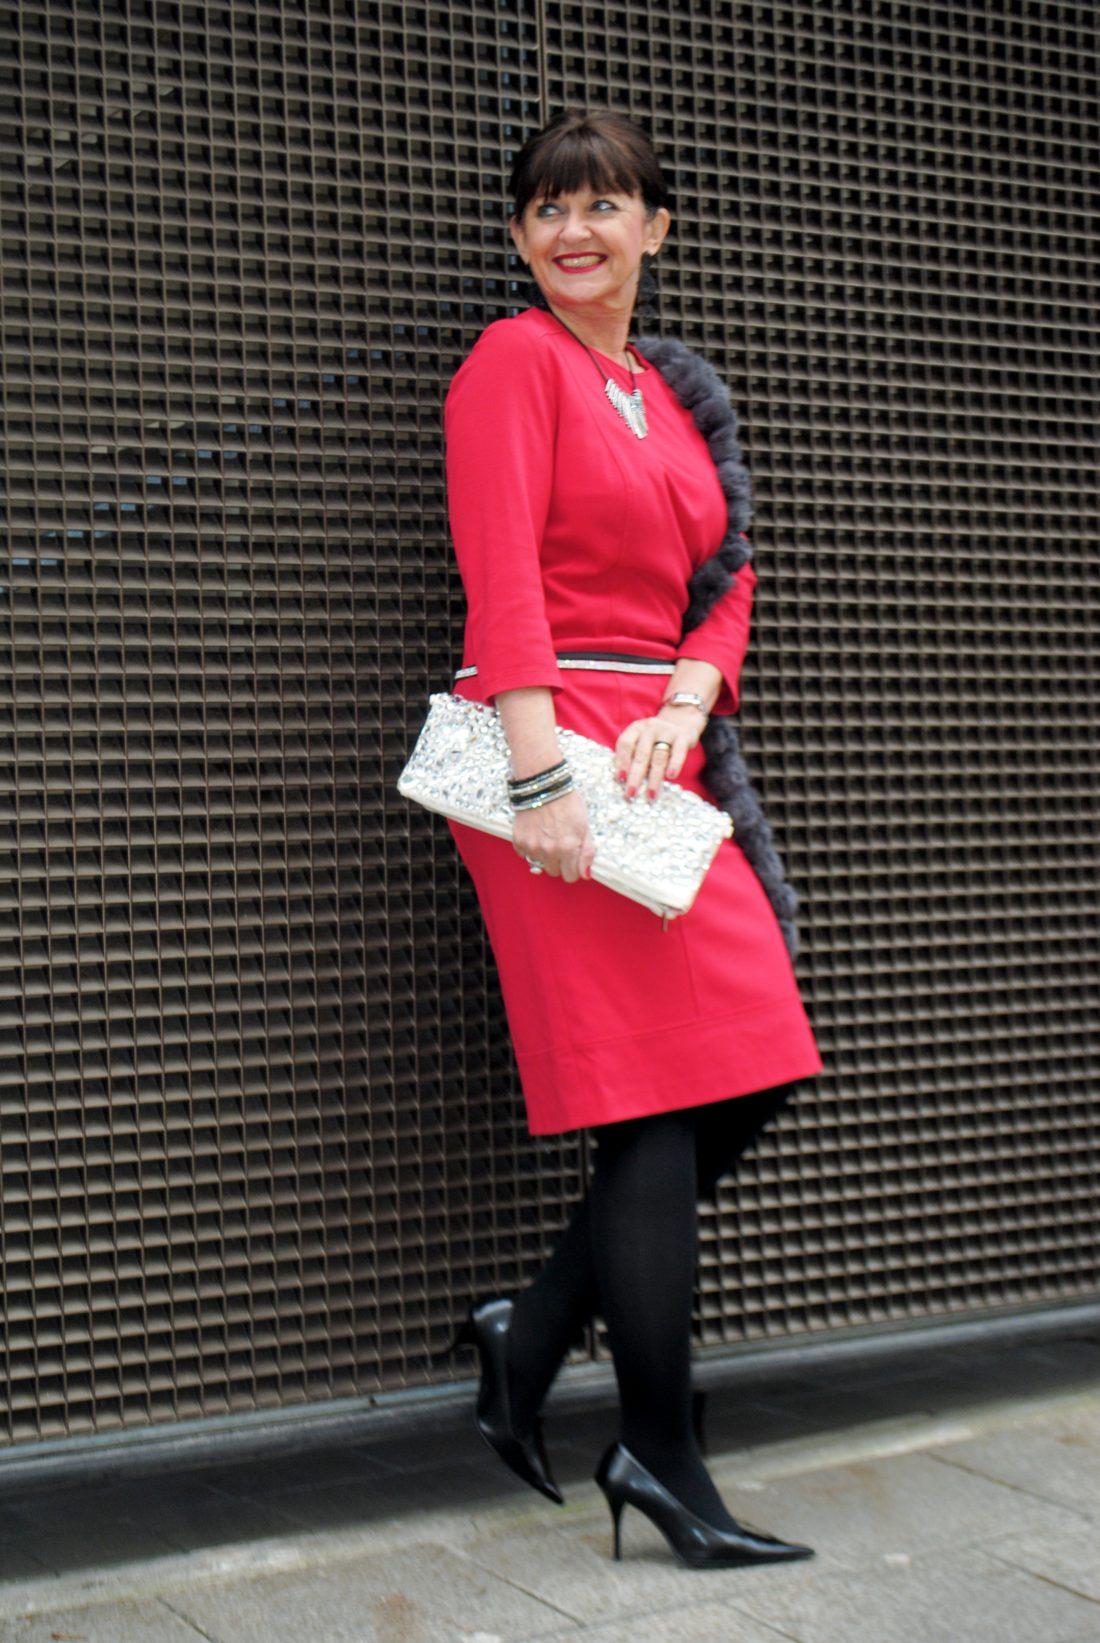 Rotes Kleid zur Weihnachtszeit - Festliche Kleidung Teil II ...